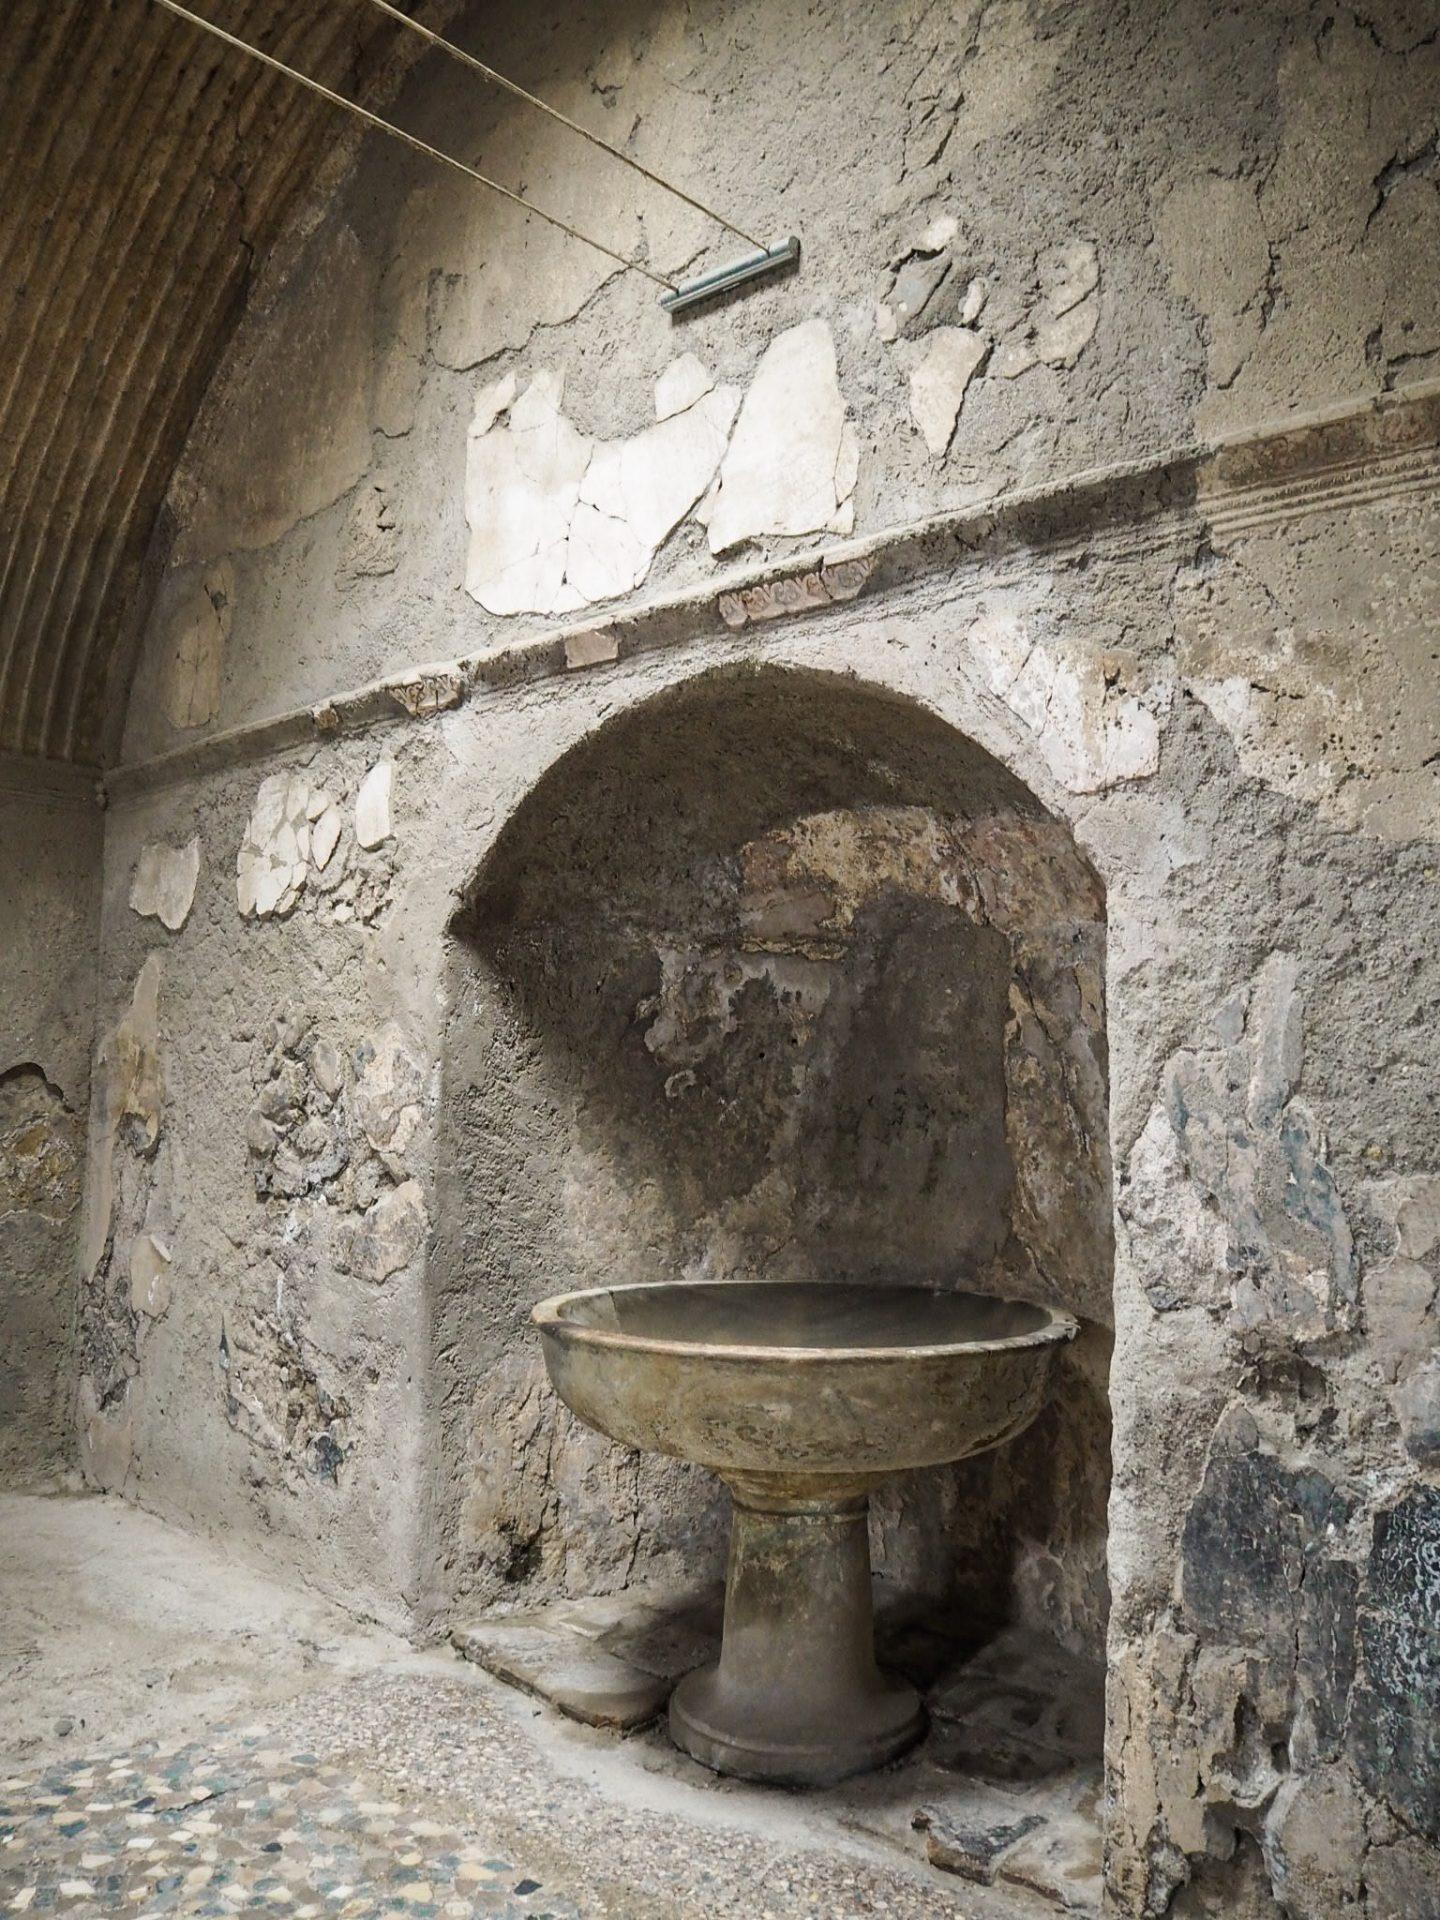 Bacin ruins